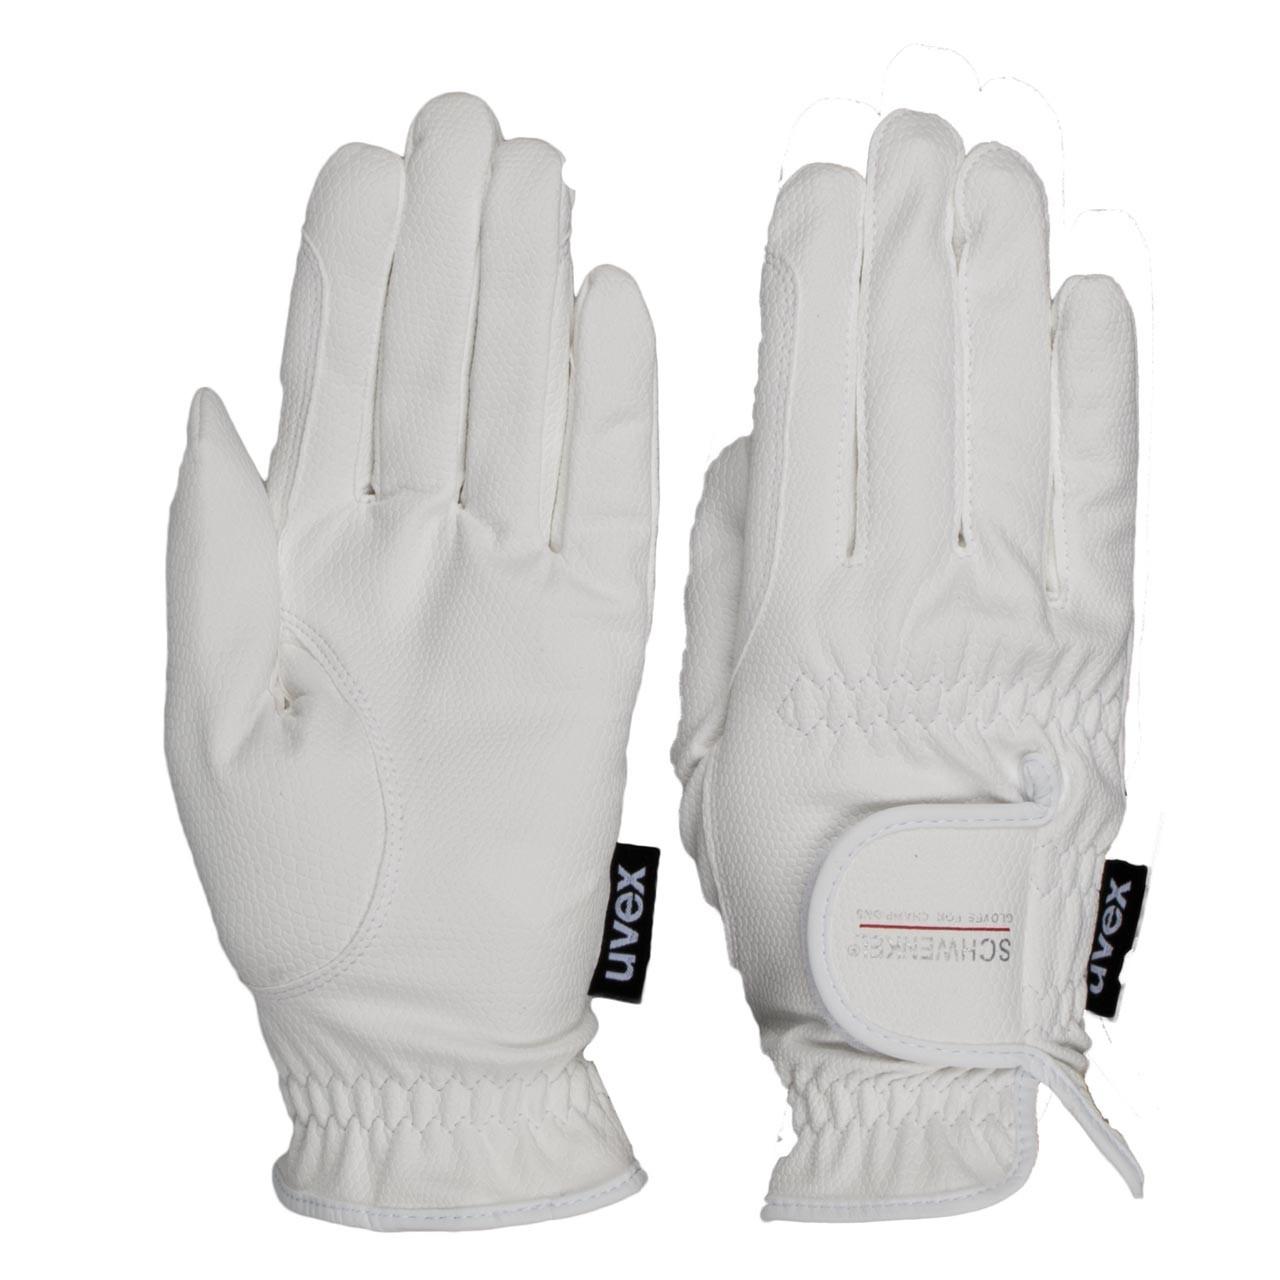 Uvex Sportstyle handschoenen wit maat:7